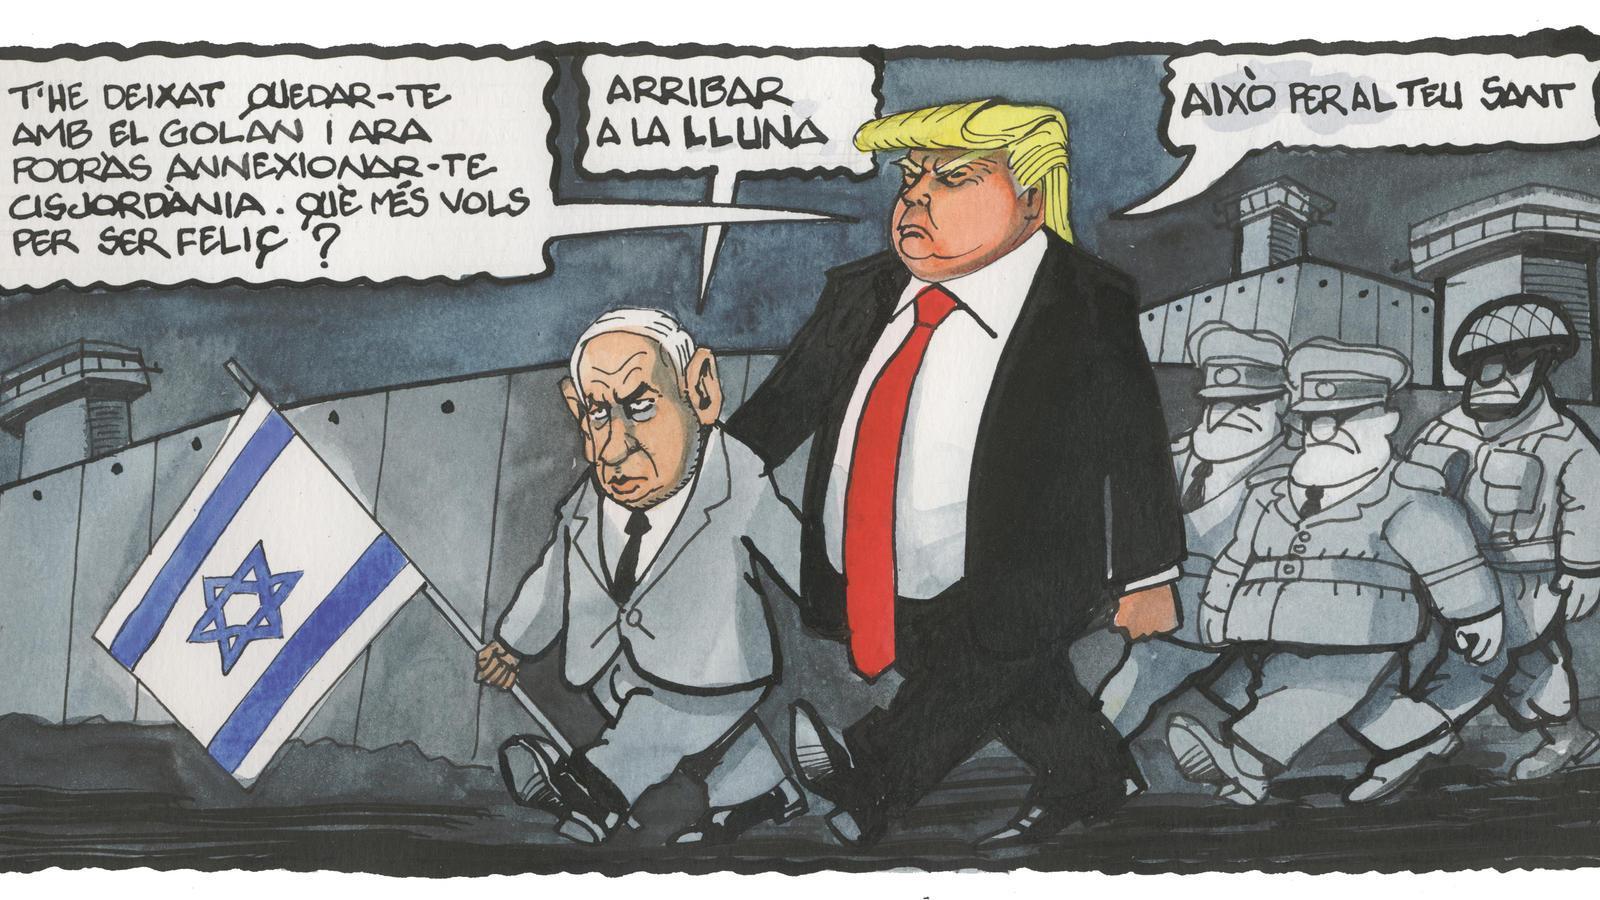 'A la contra', per Ferreres (21/04/2019)